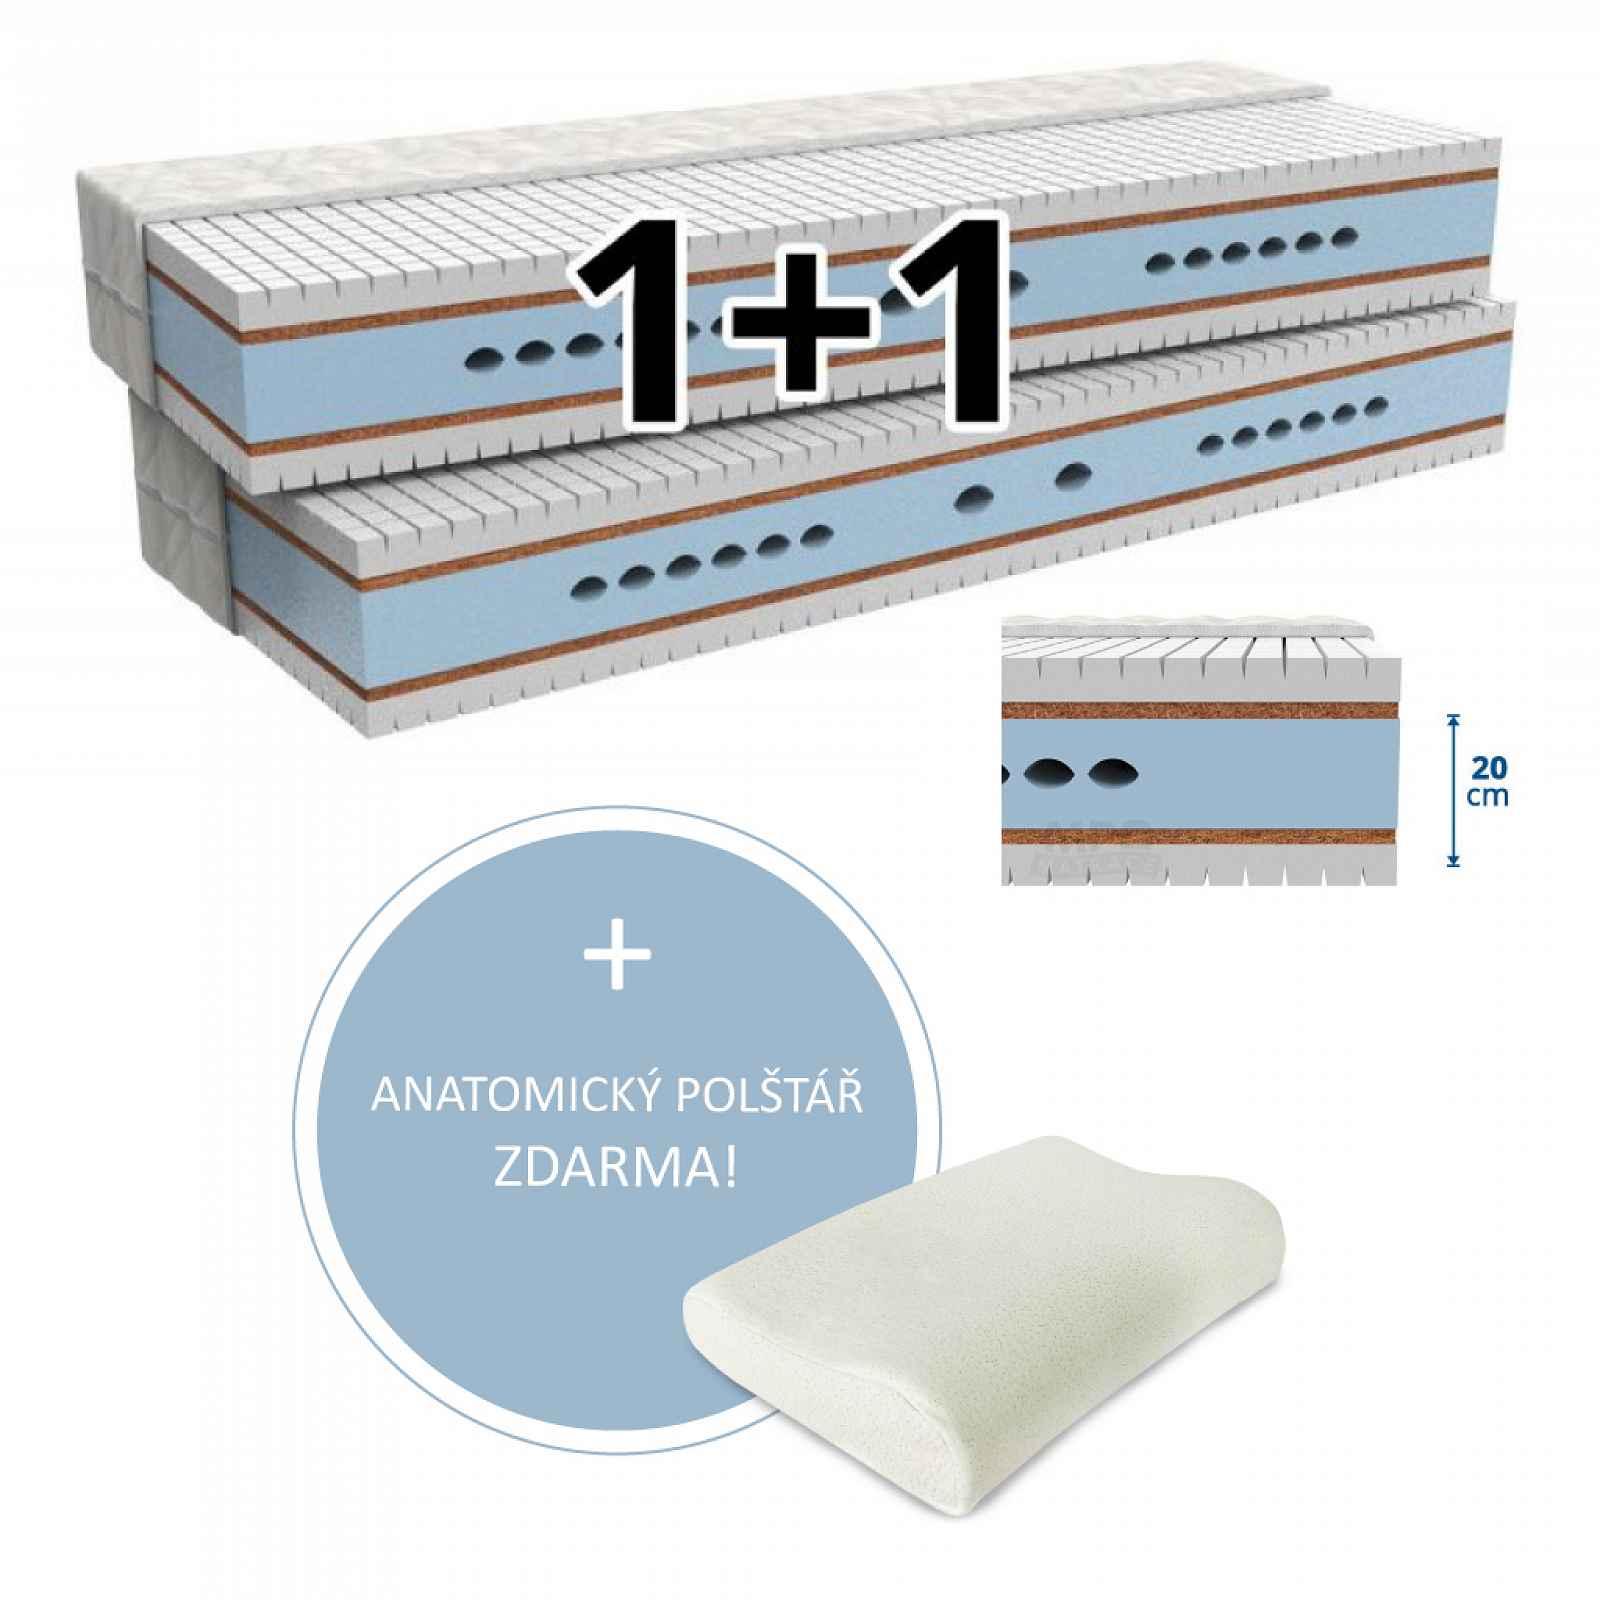 MPO Matrace Matrace 1+1 MAXIMA 2 ks 180 x 200 cm Potah matrace: Aloe Vera - výtažky s Aloe Vera